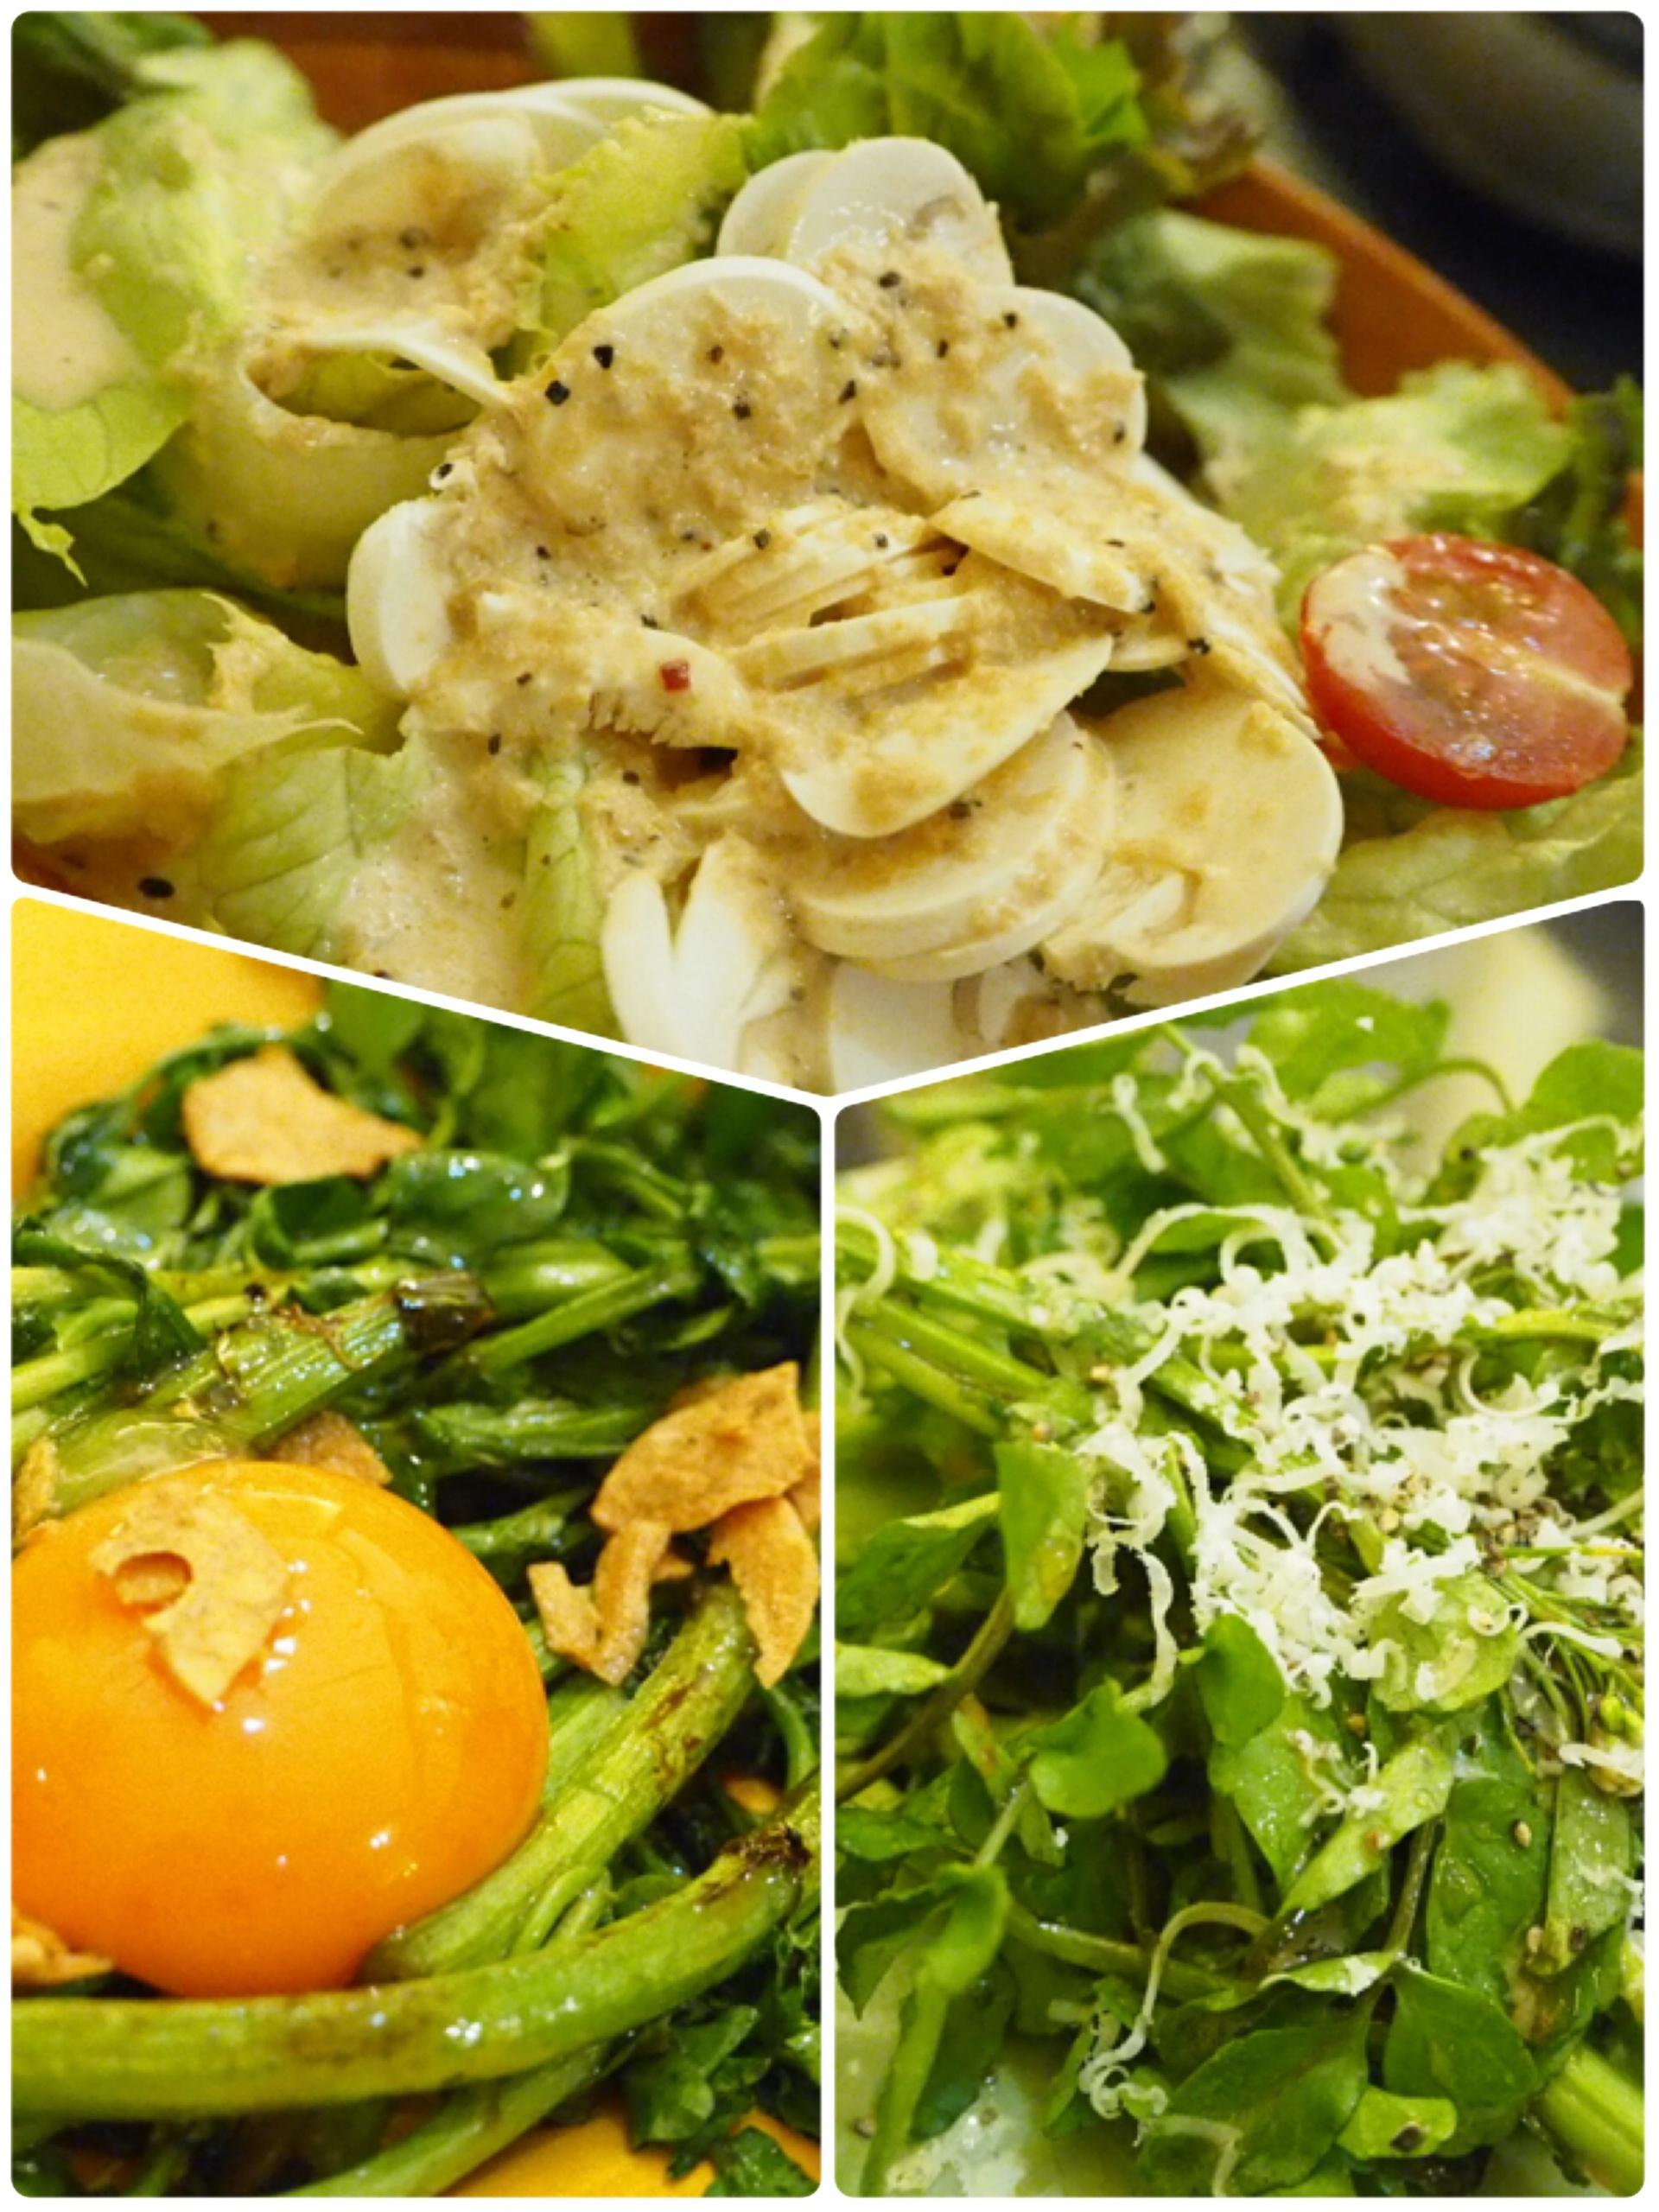 暑い夏こそ食べなきゃ♡塩すき鍋は特製の氷ダレをのせてさっぱりとした味わい_3